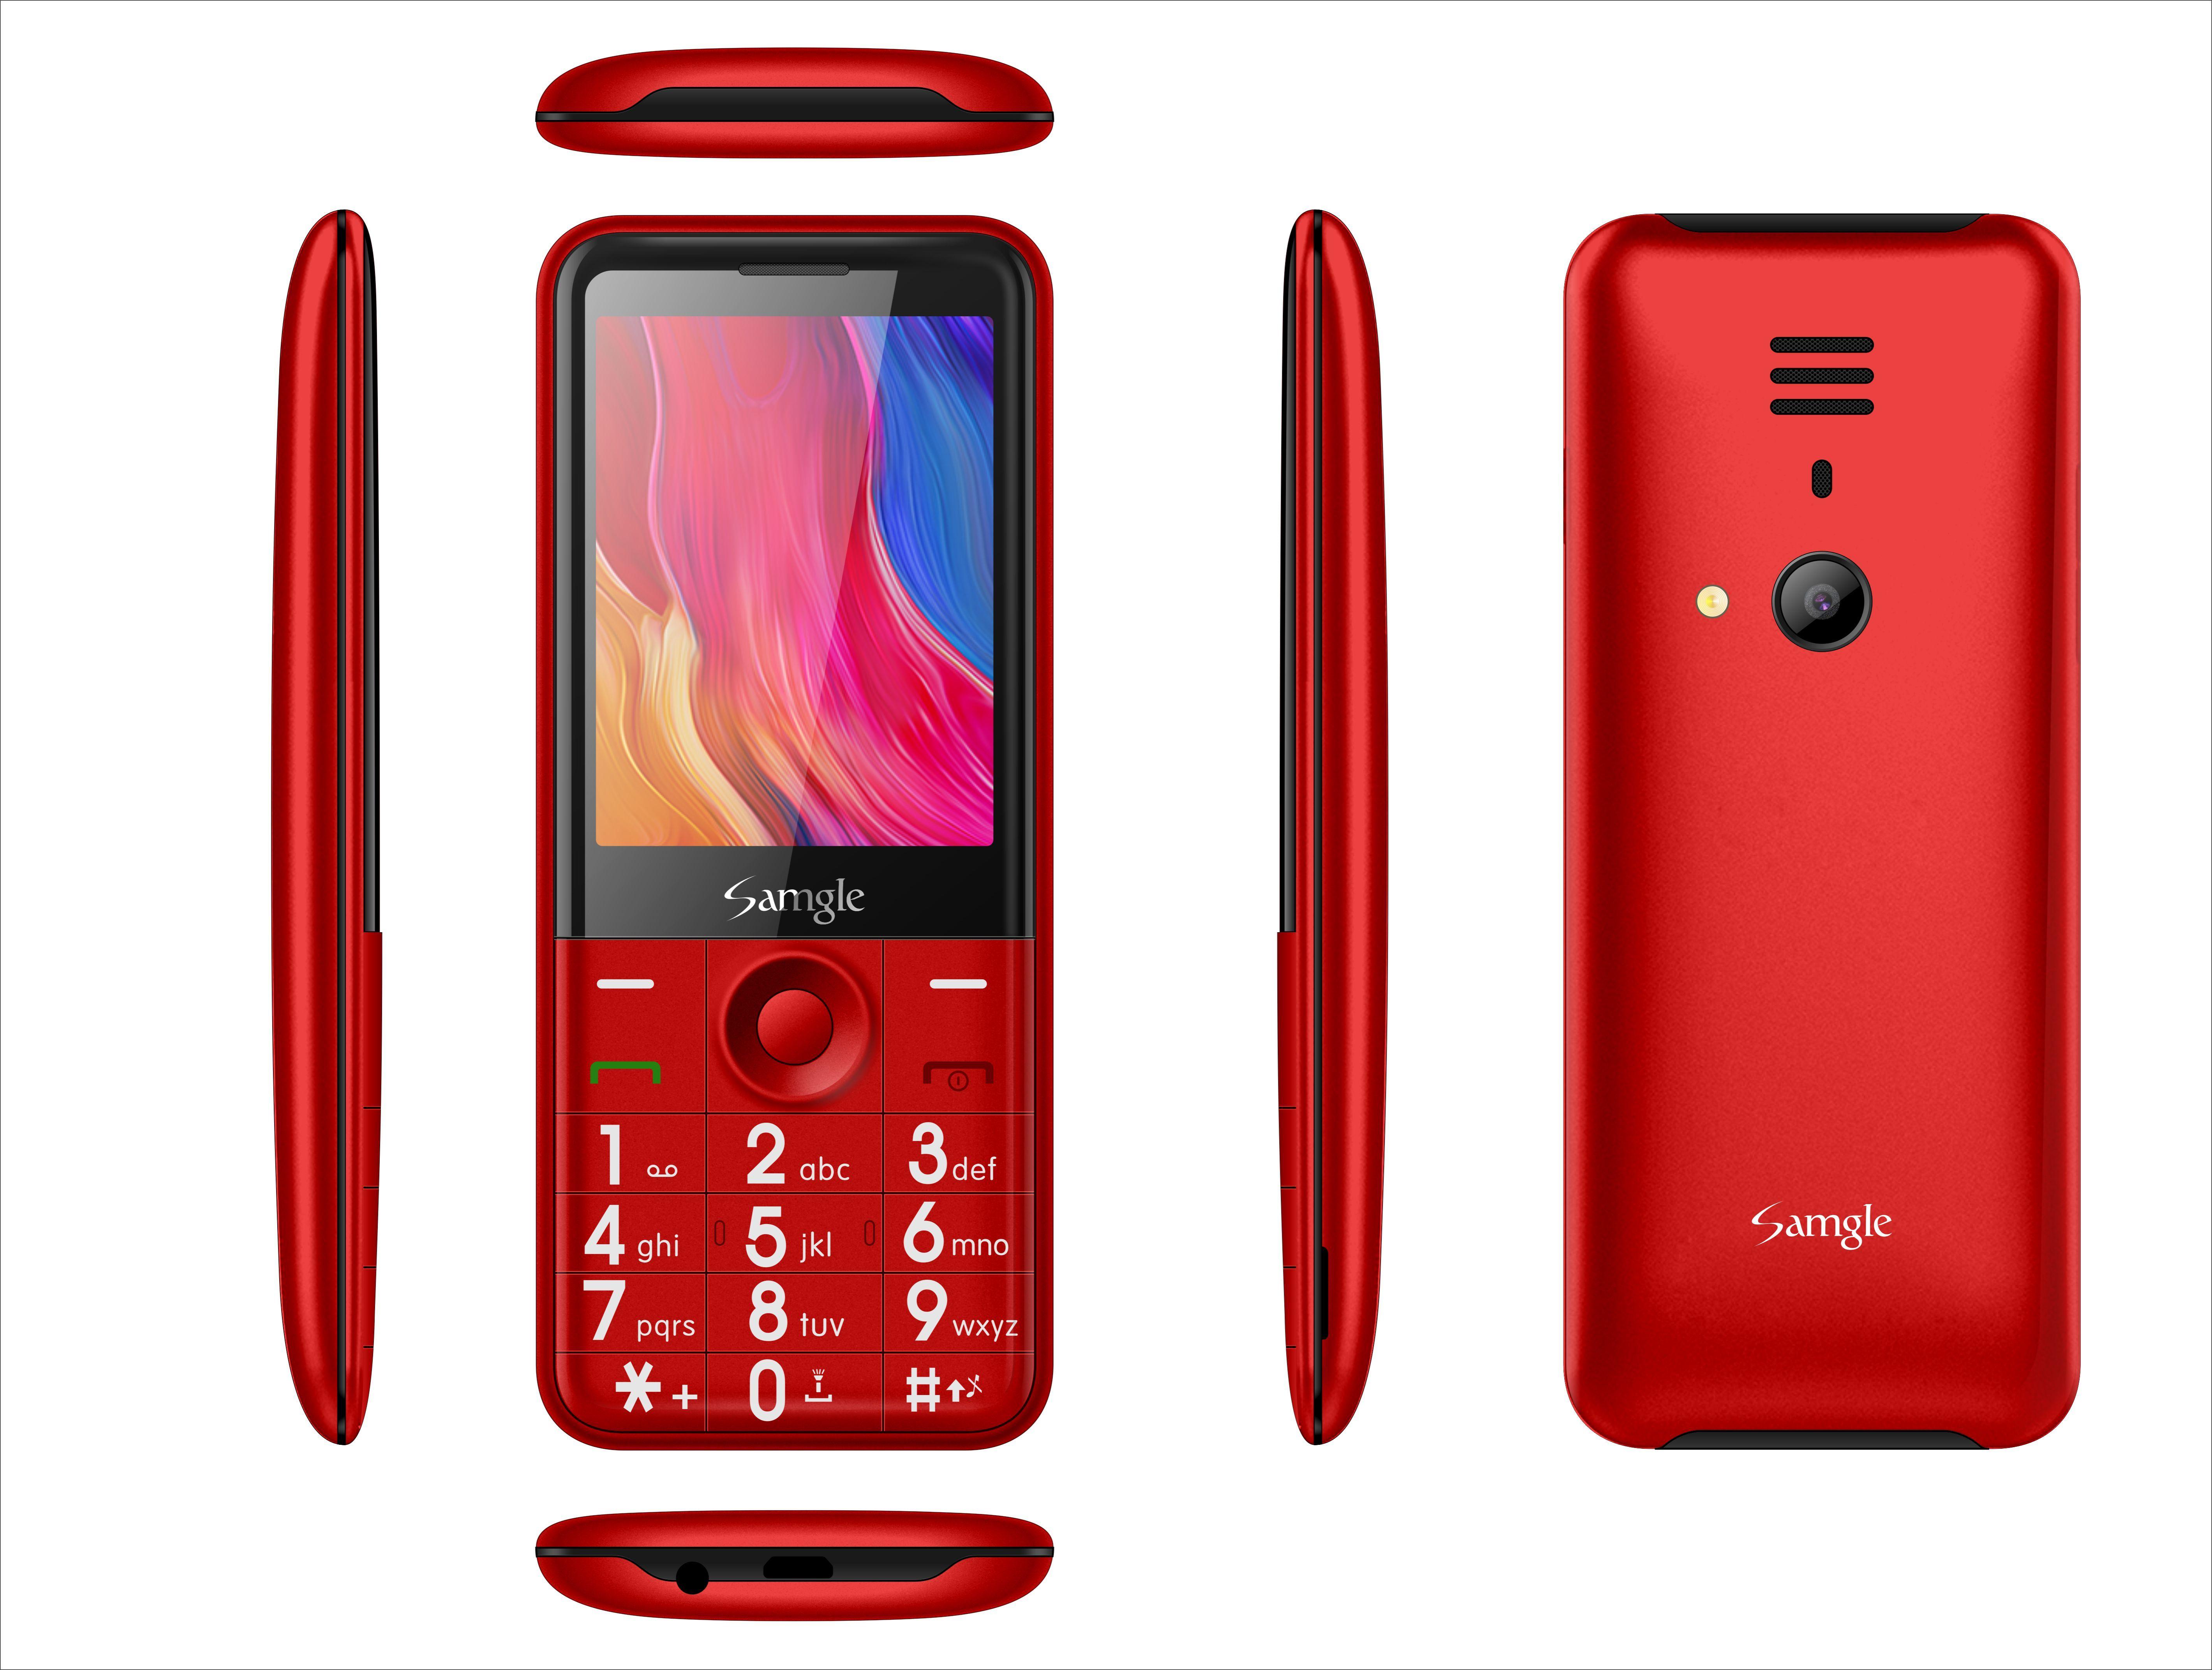 Telefon mobil Samgle Flash 3G, Ecran 2.8 inch, Bluetooth, Digi 3G, Camera, Slot Card, Radio FM, Internet, DualSim 2